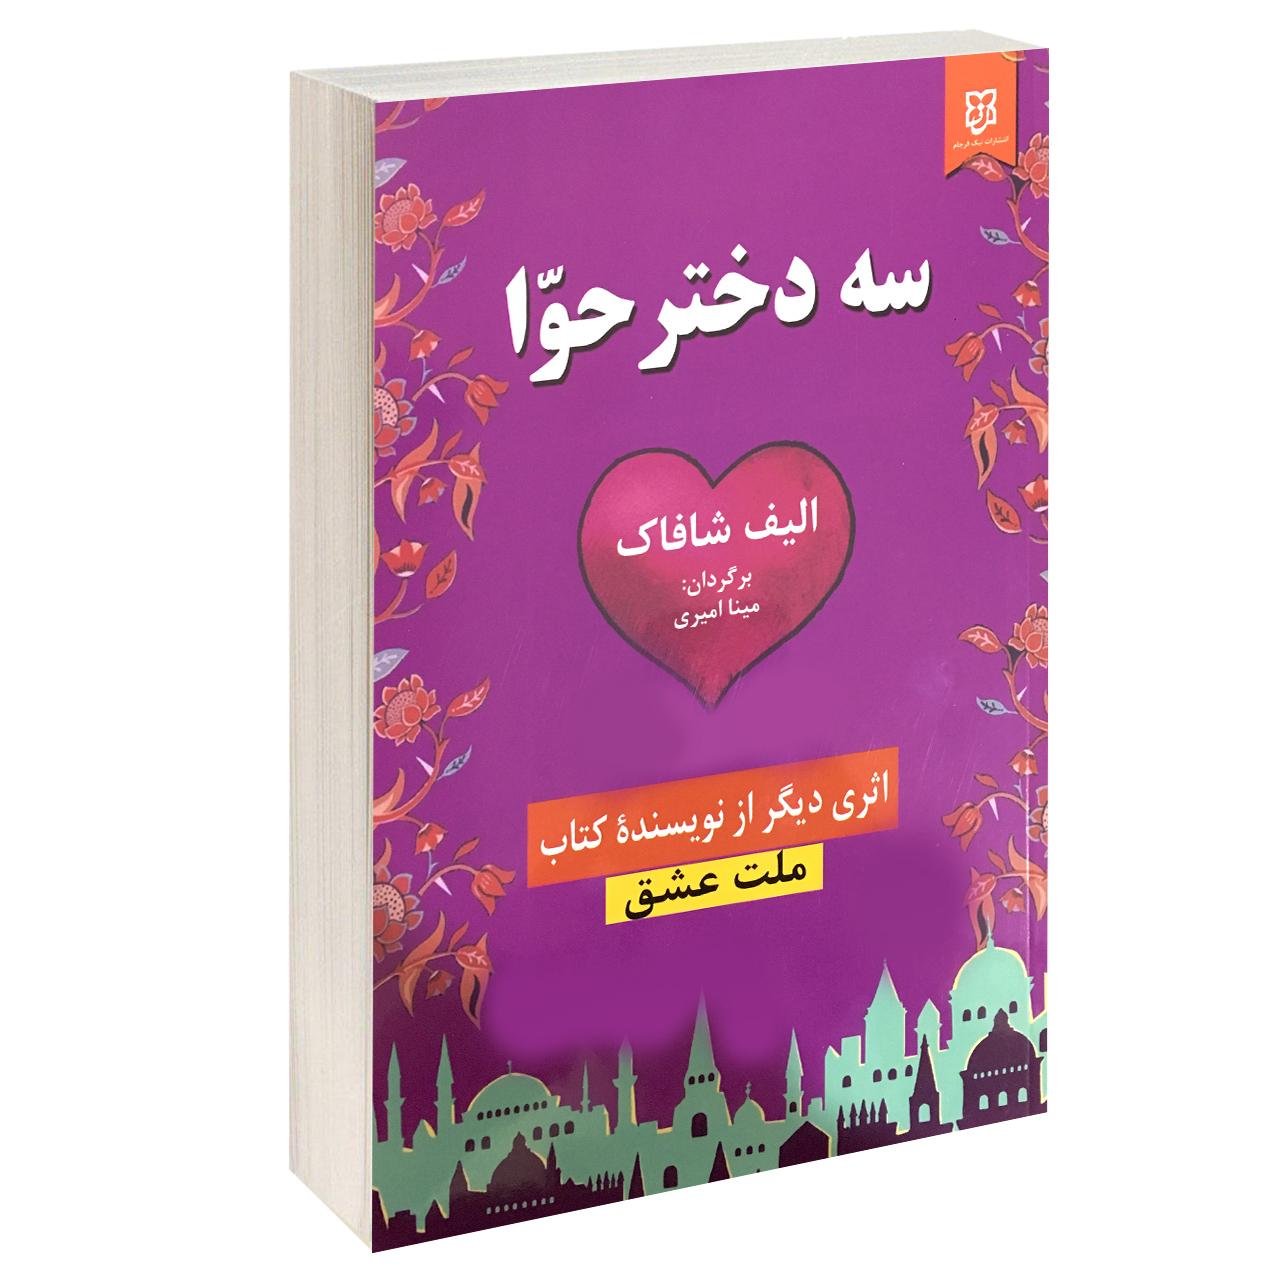 کتاب سه دختر حوا اثر الیف شافاک انتشارات نیک فرجام              پرفروش